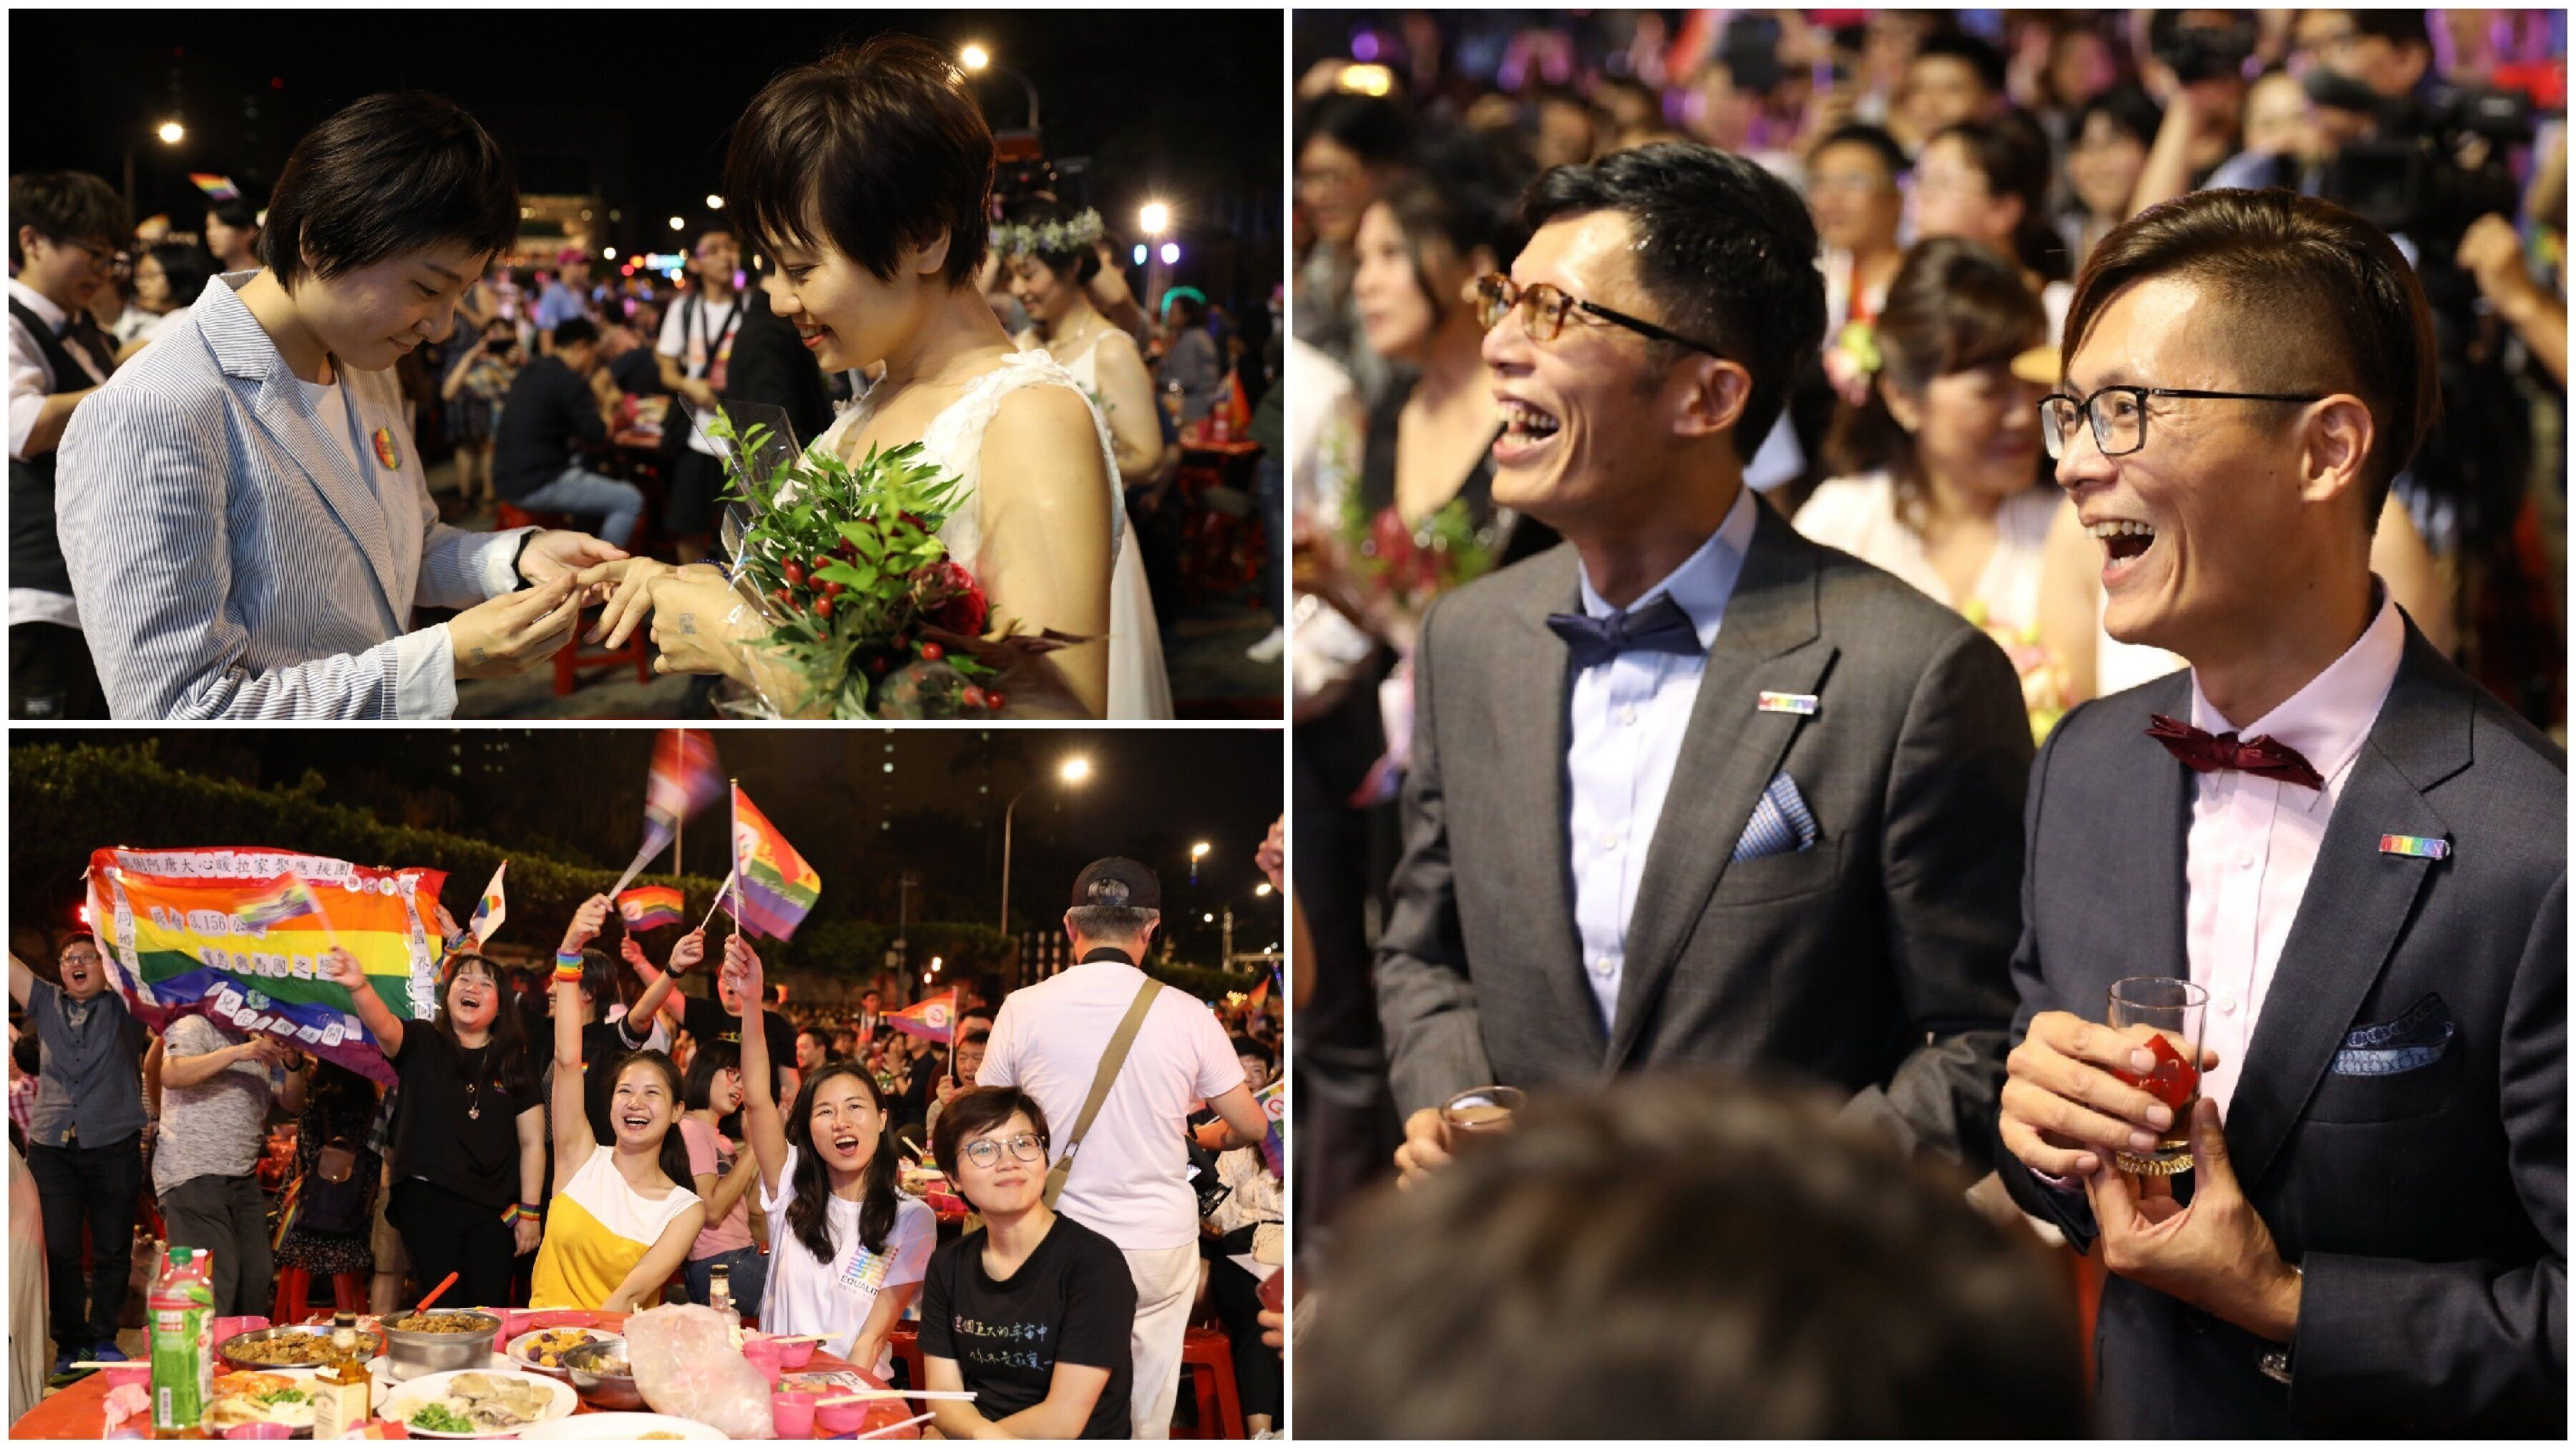 台湾で、2000人近くが同性婚を祝う「合同披露宴」